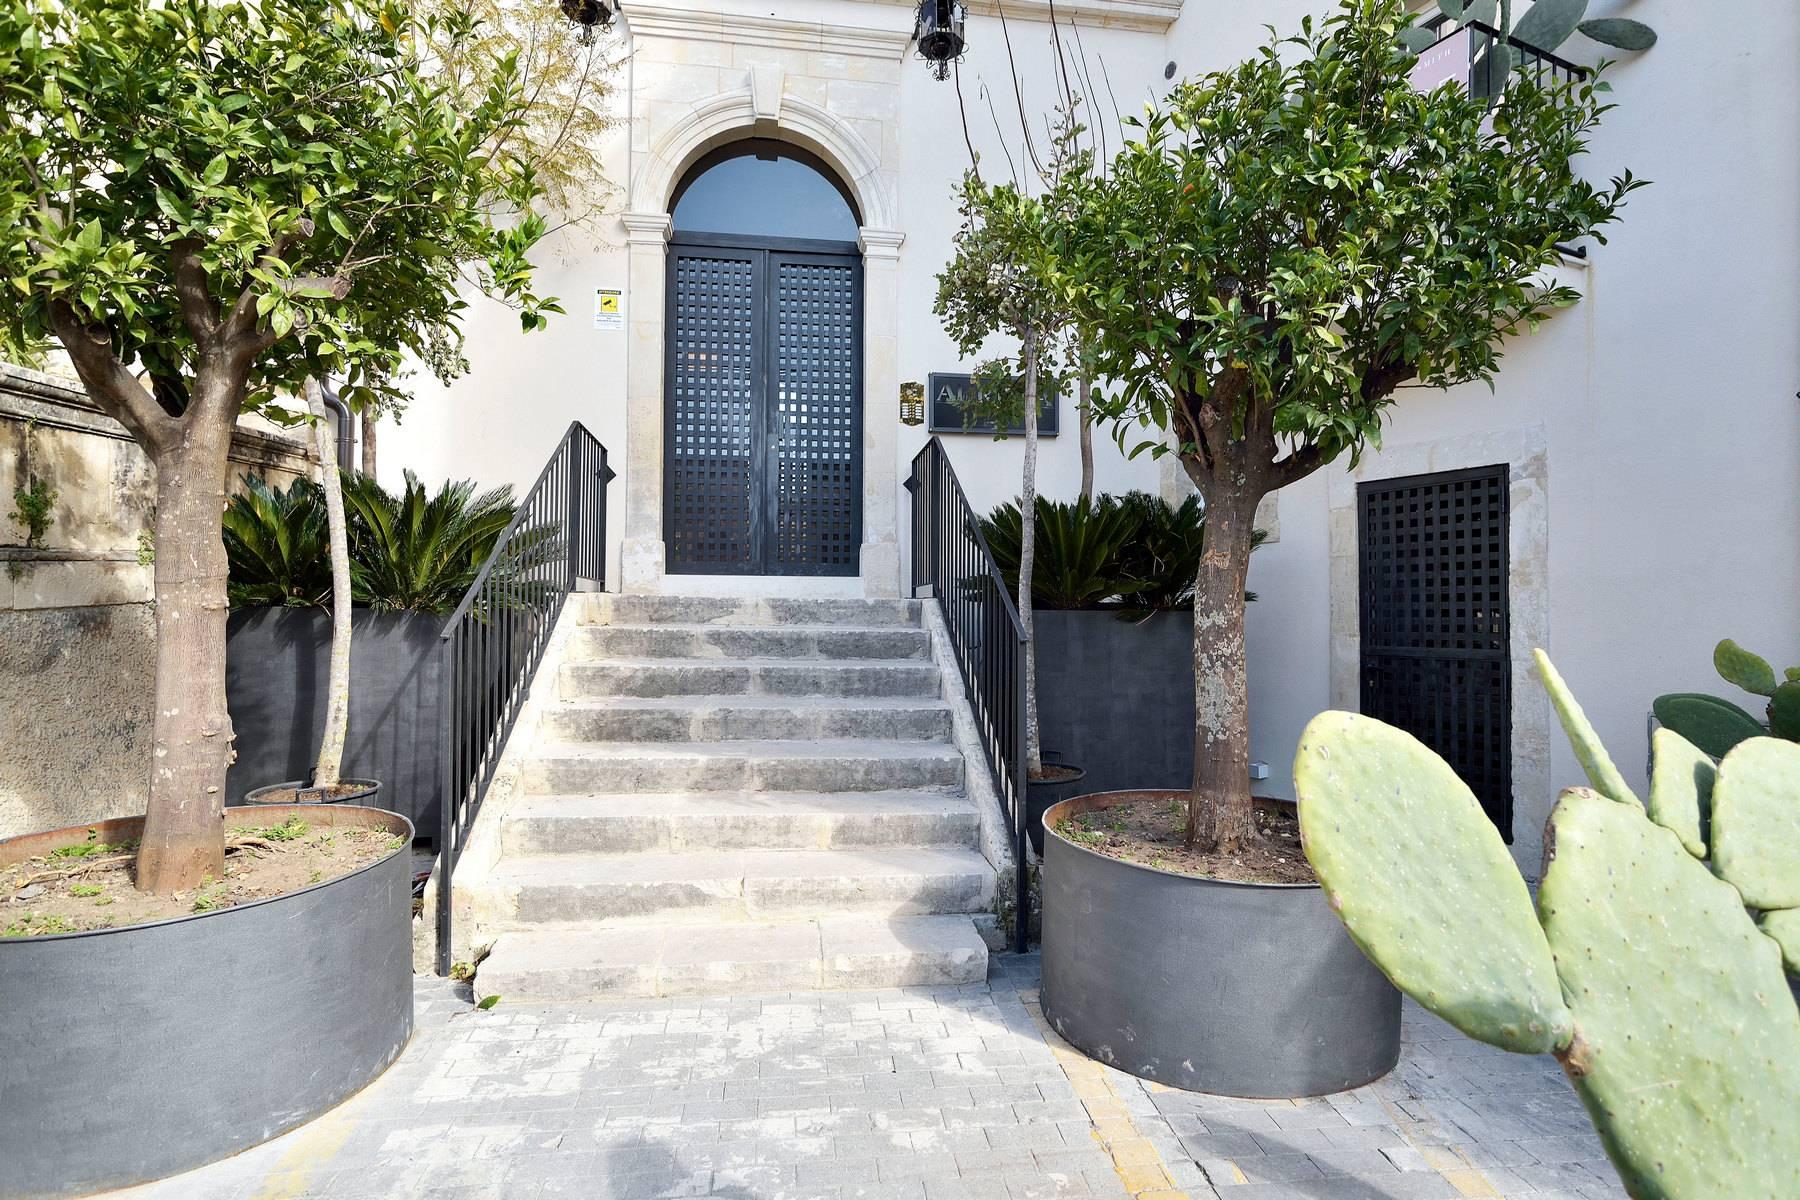 Appartamento in Vendita a Noto: 3 locali, 73 mq - Foto 2